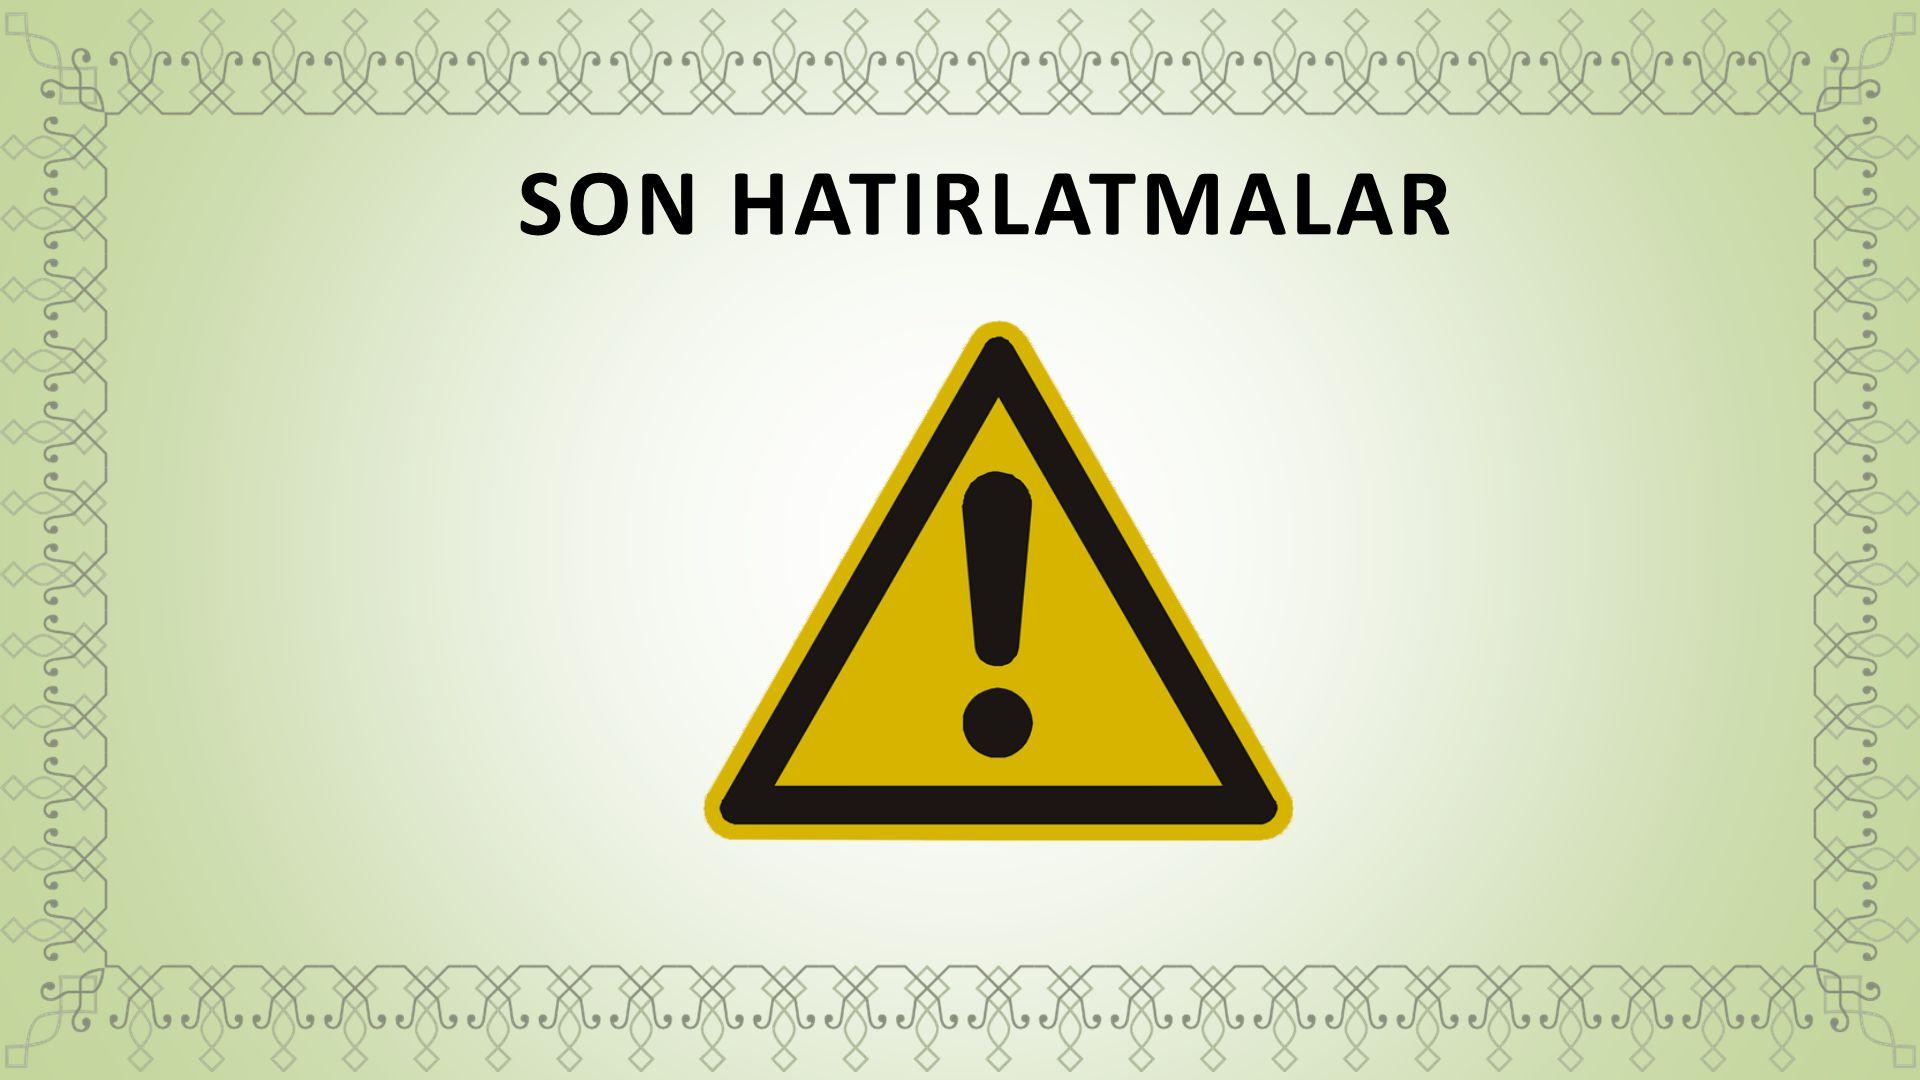 SON HATIRLATMALAR